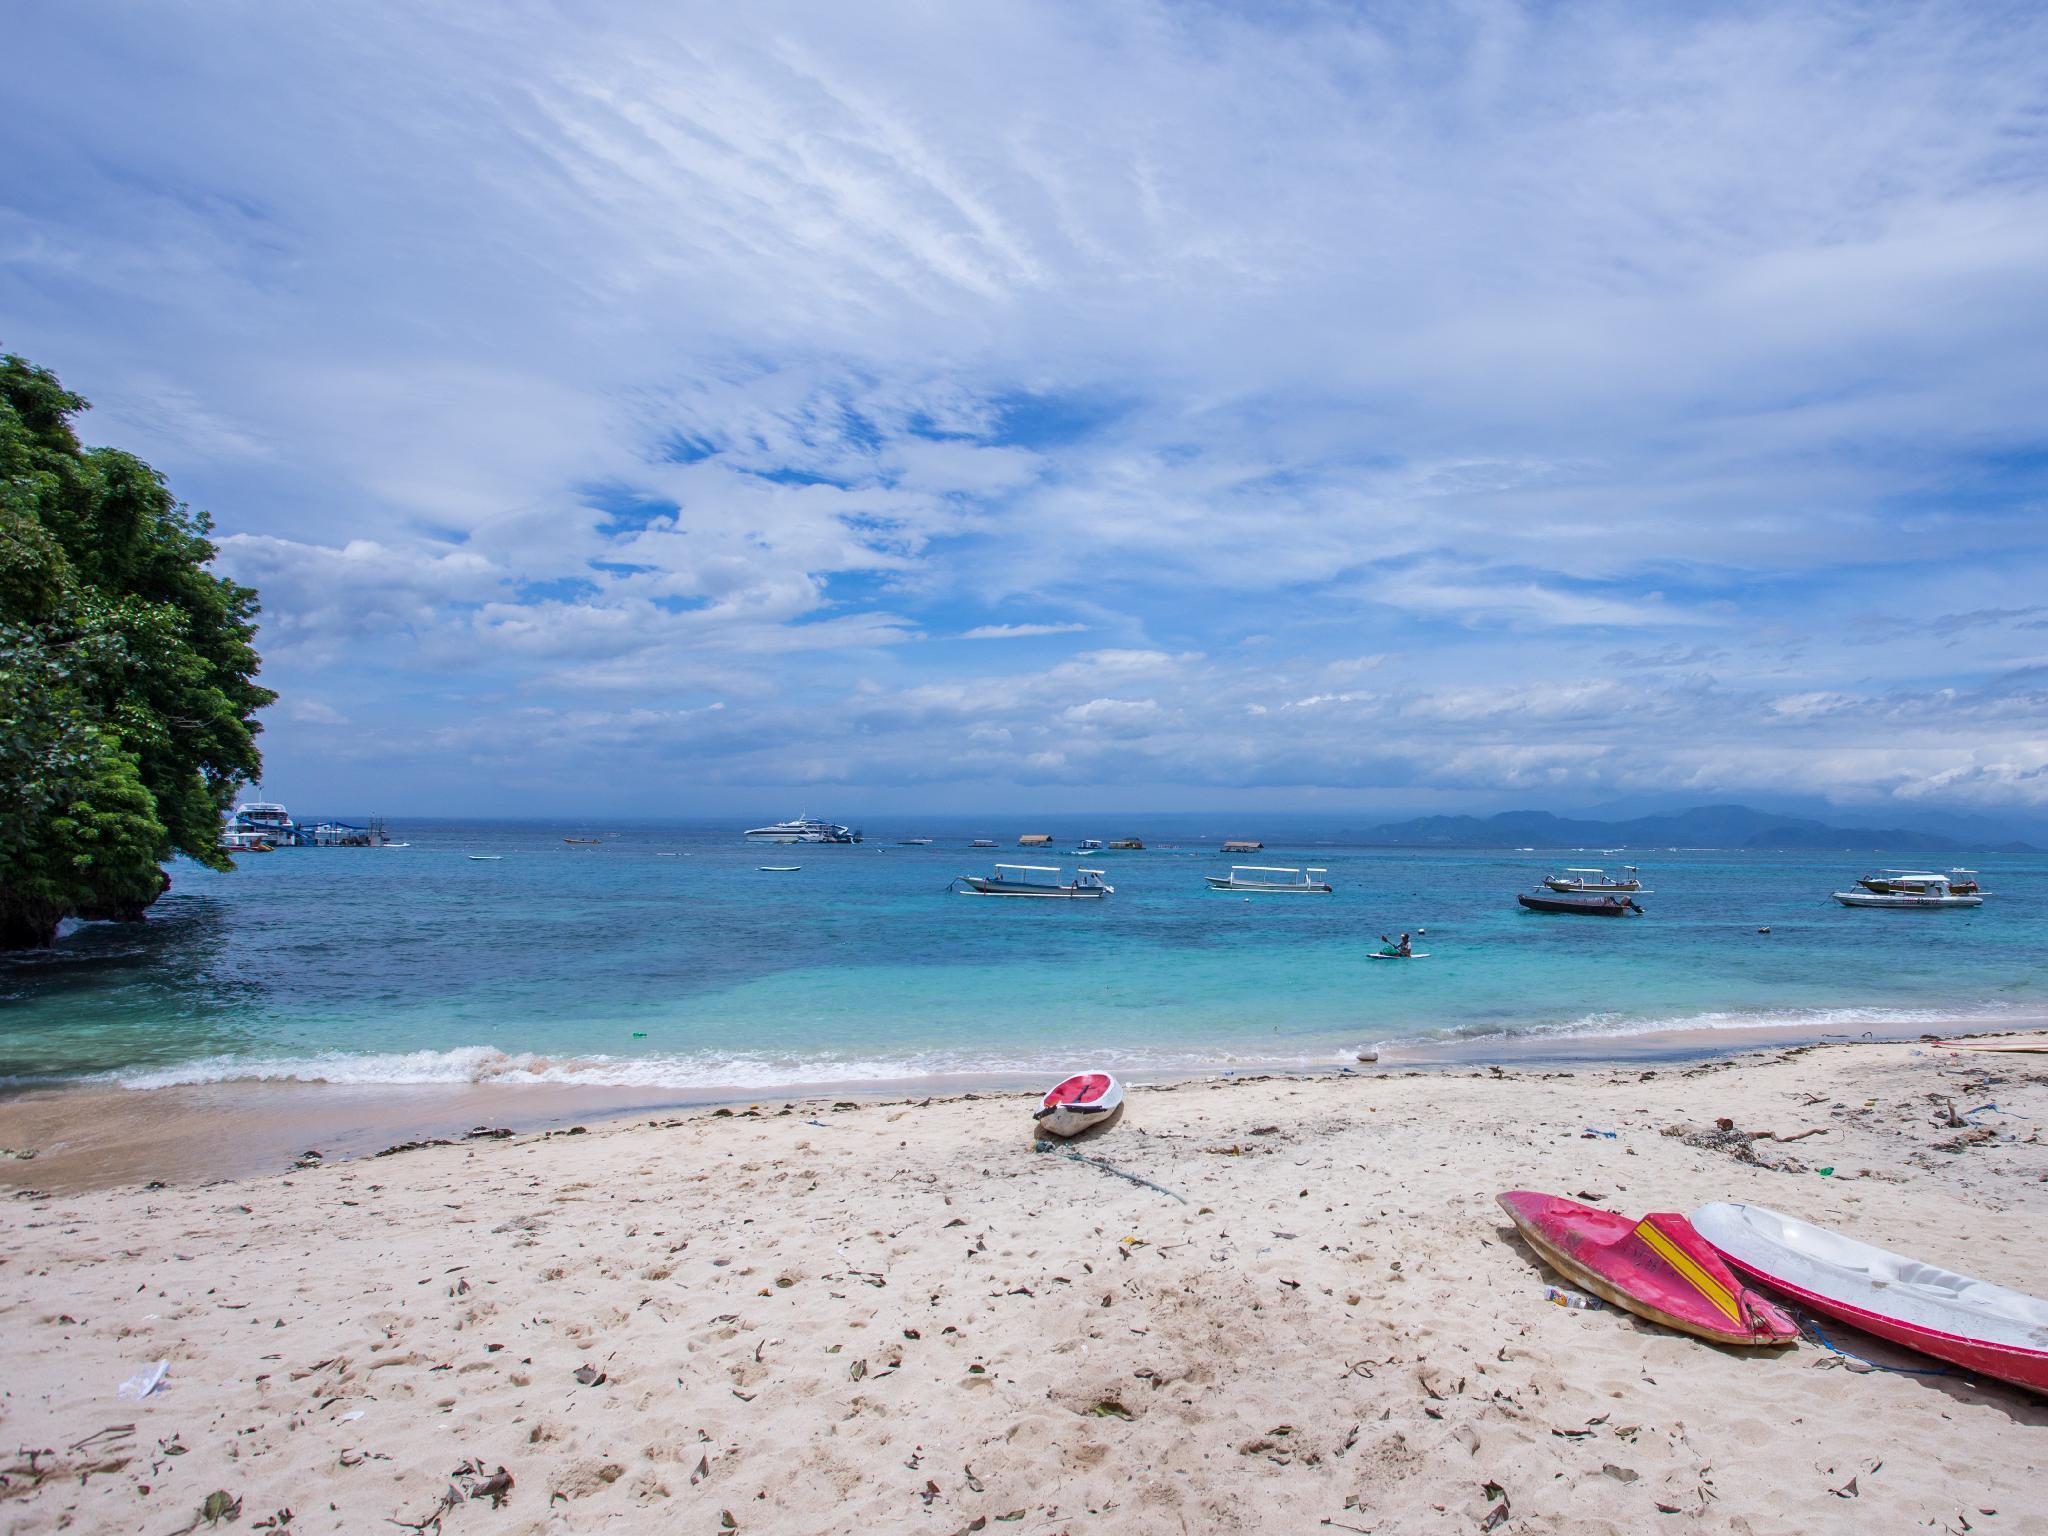 Songlambung Beach Huts, Klungkung